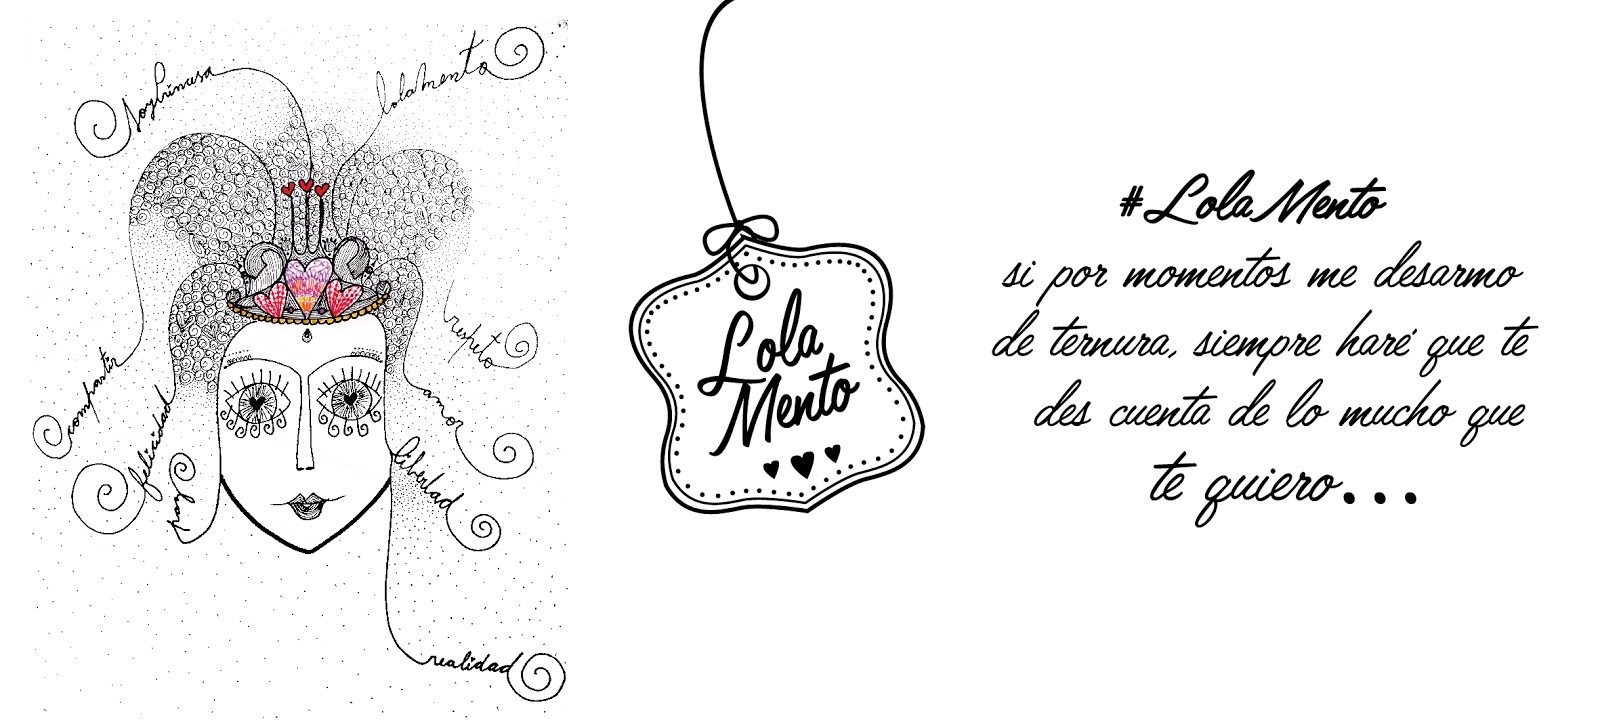 Ilustraciones Lola Mento, Ilustraciones LolaMento, Lola Mento, LolaMento, Lola Mento Ilustraciones, cuadros lola mento, arte lola mento, frases lola mento, frases lolamento,